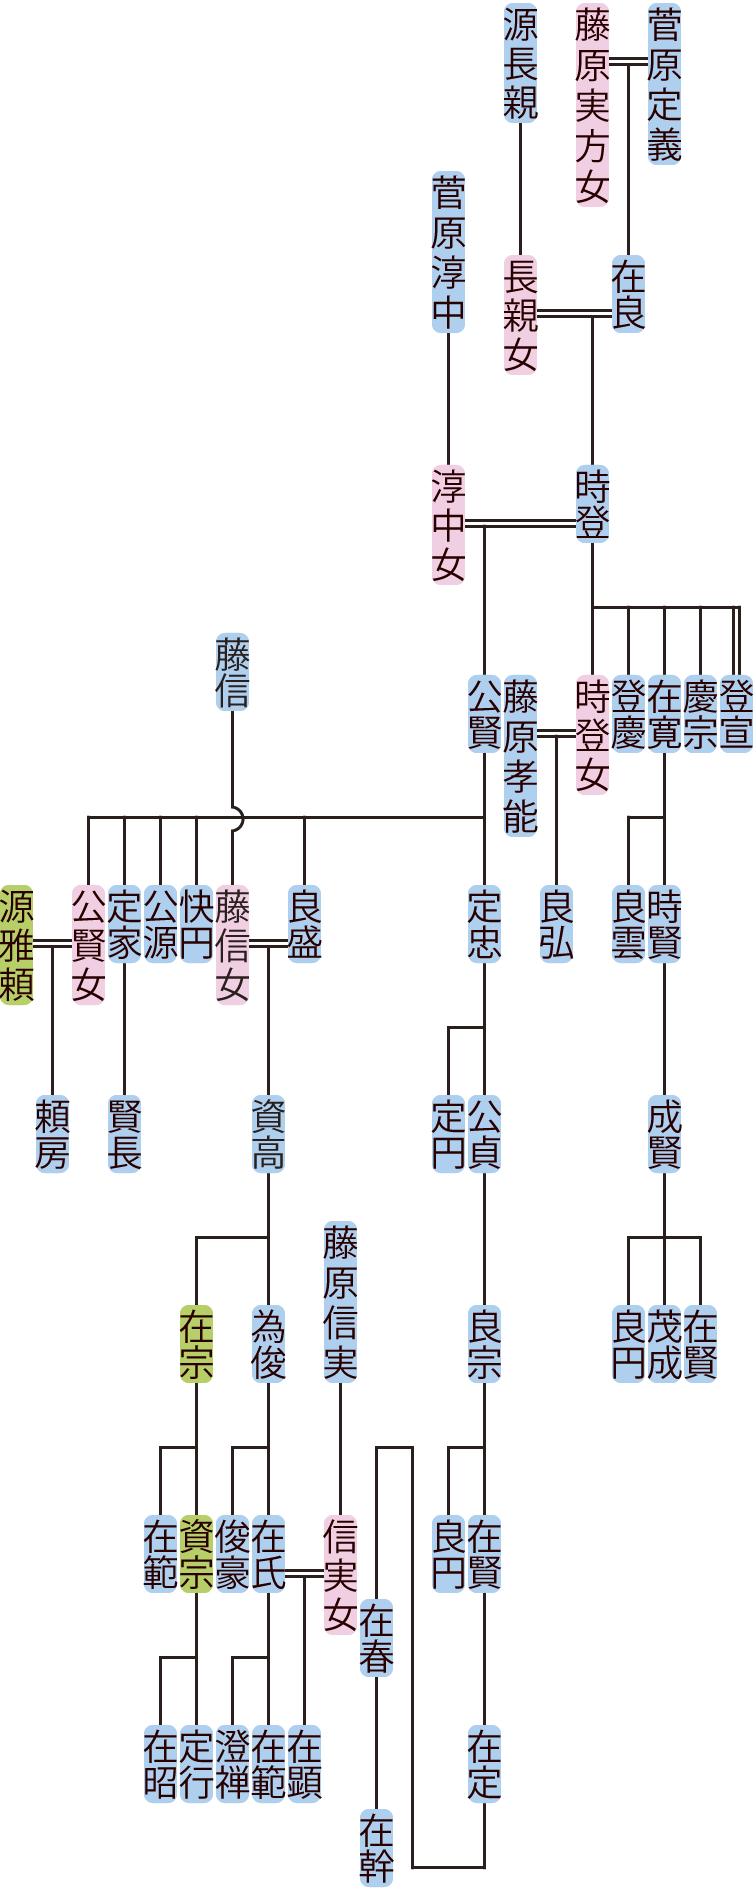 菅原時登の系図